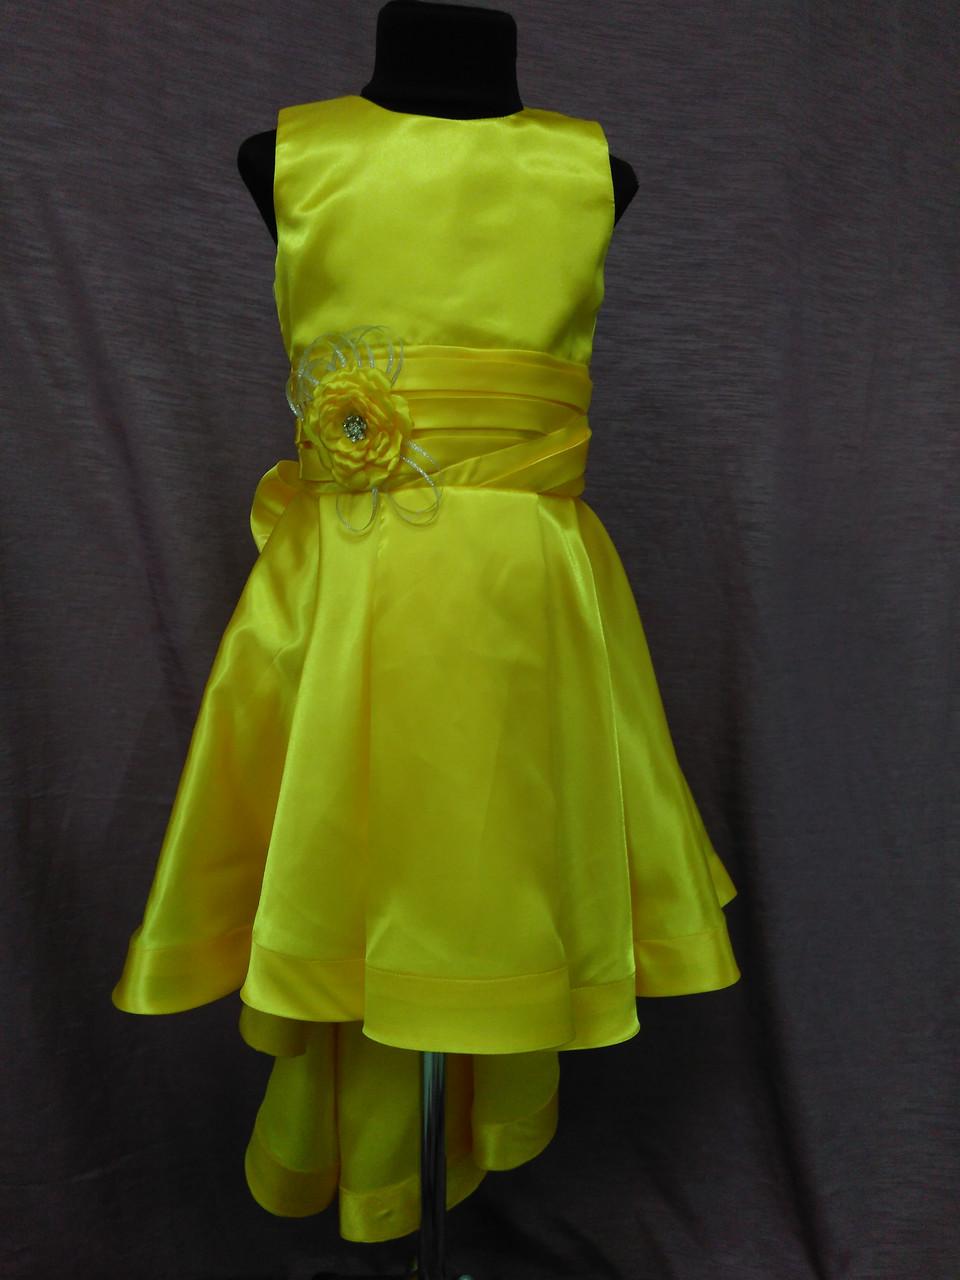 Платье детское нарядное с каскадной юбкой на 6-8 лет желтое